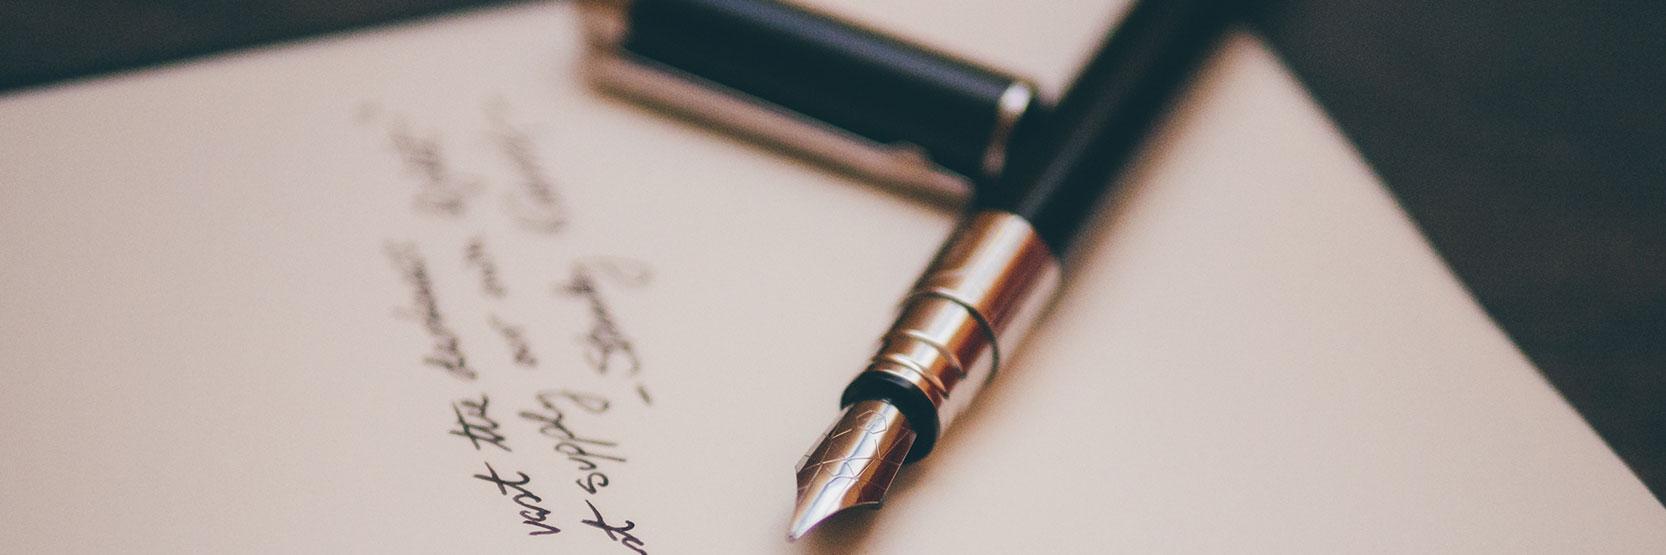 القلم وأهميتة في الحياة اليومية